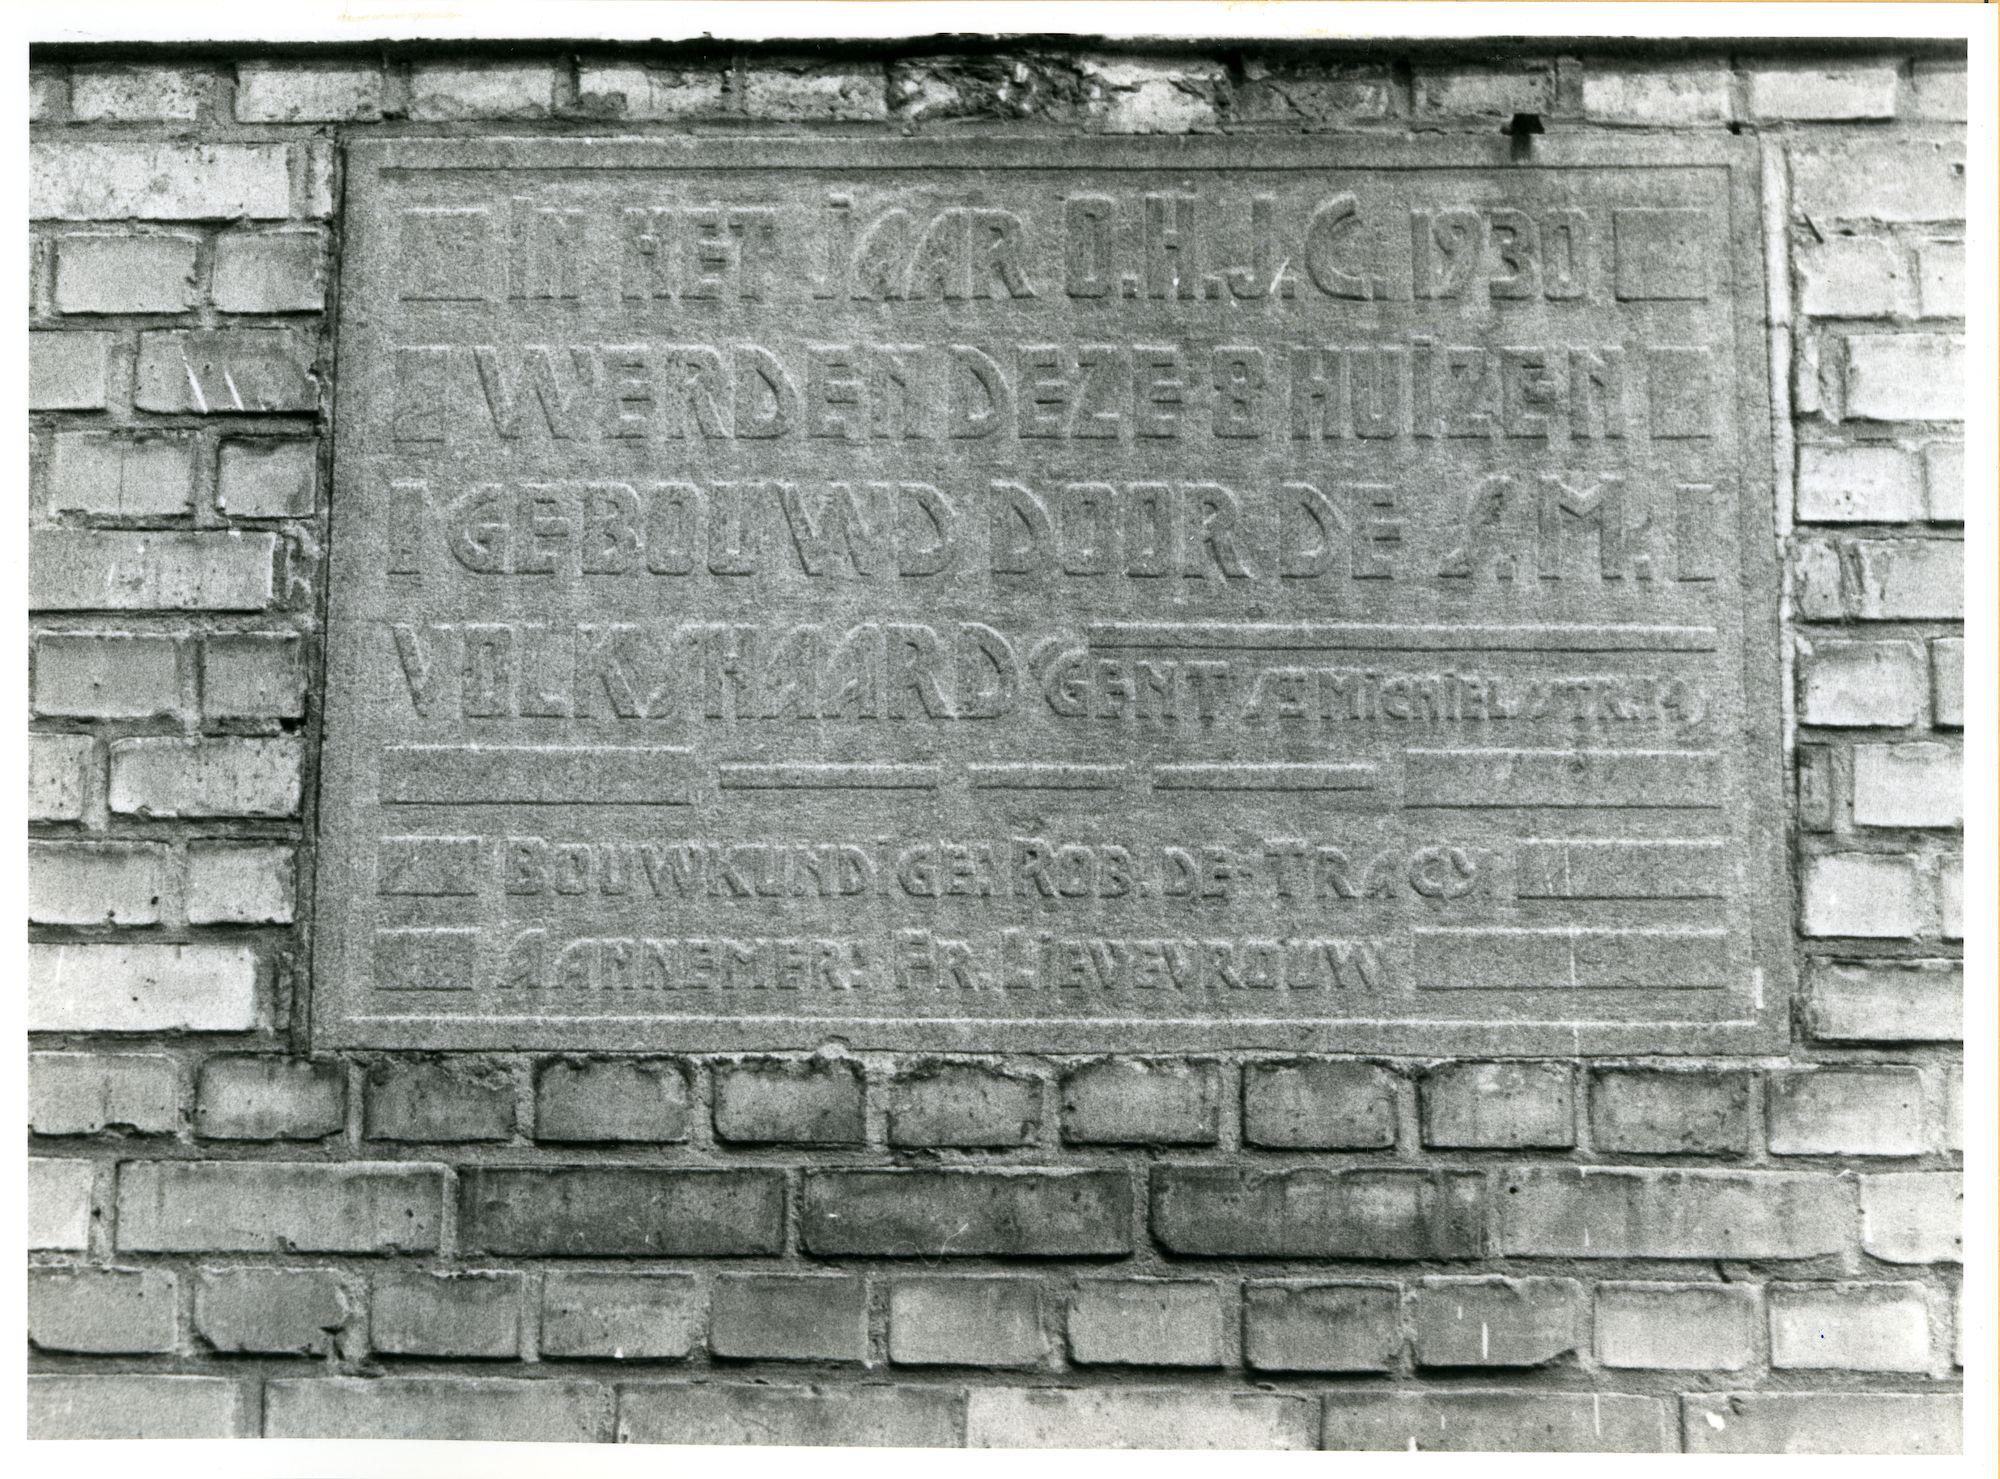 Gent: Myosotisstraat 21- 23: Gedenksteen, 1979